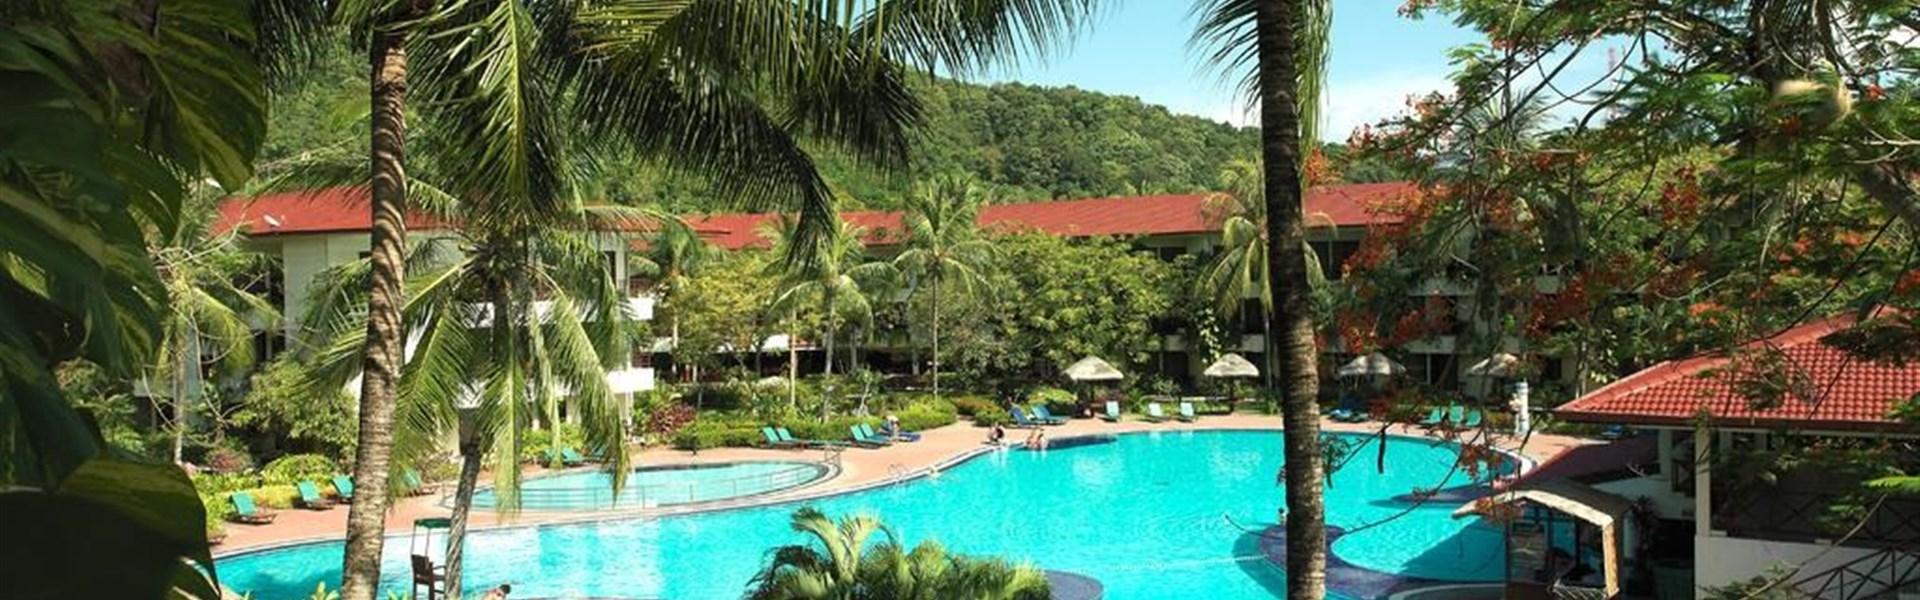 Pobyt u moře -  Langkawi - Holiday Villa Beach Resort - Holiday Villa Beach Resort